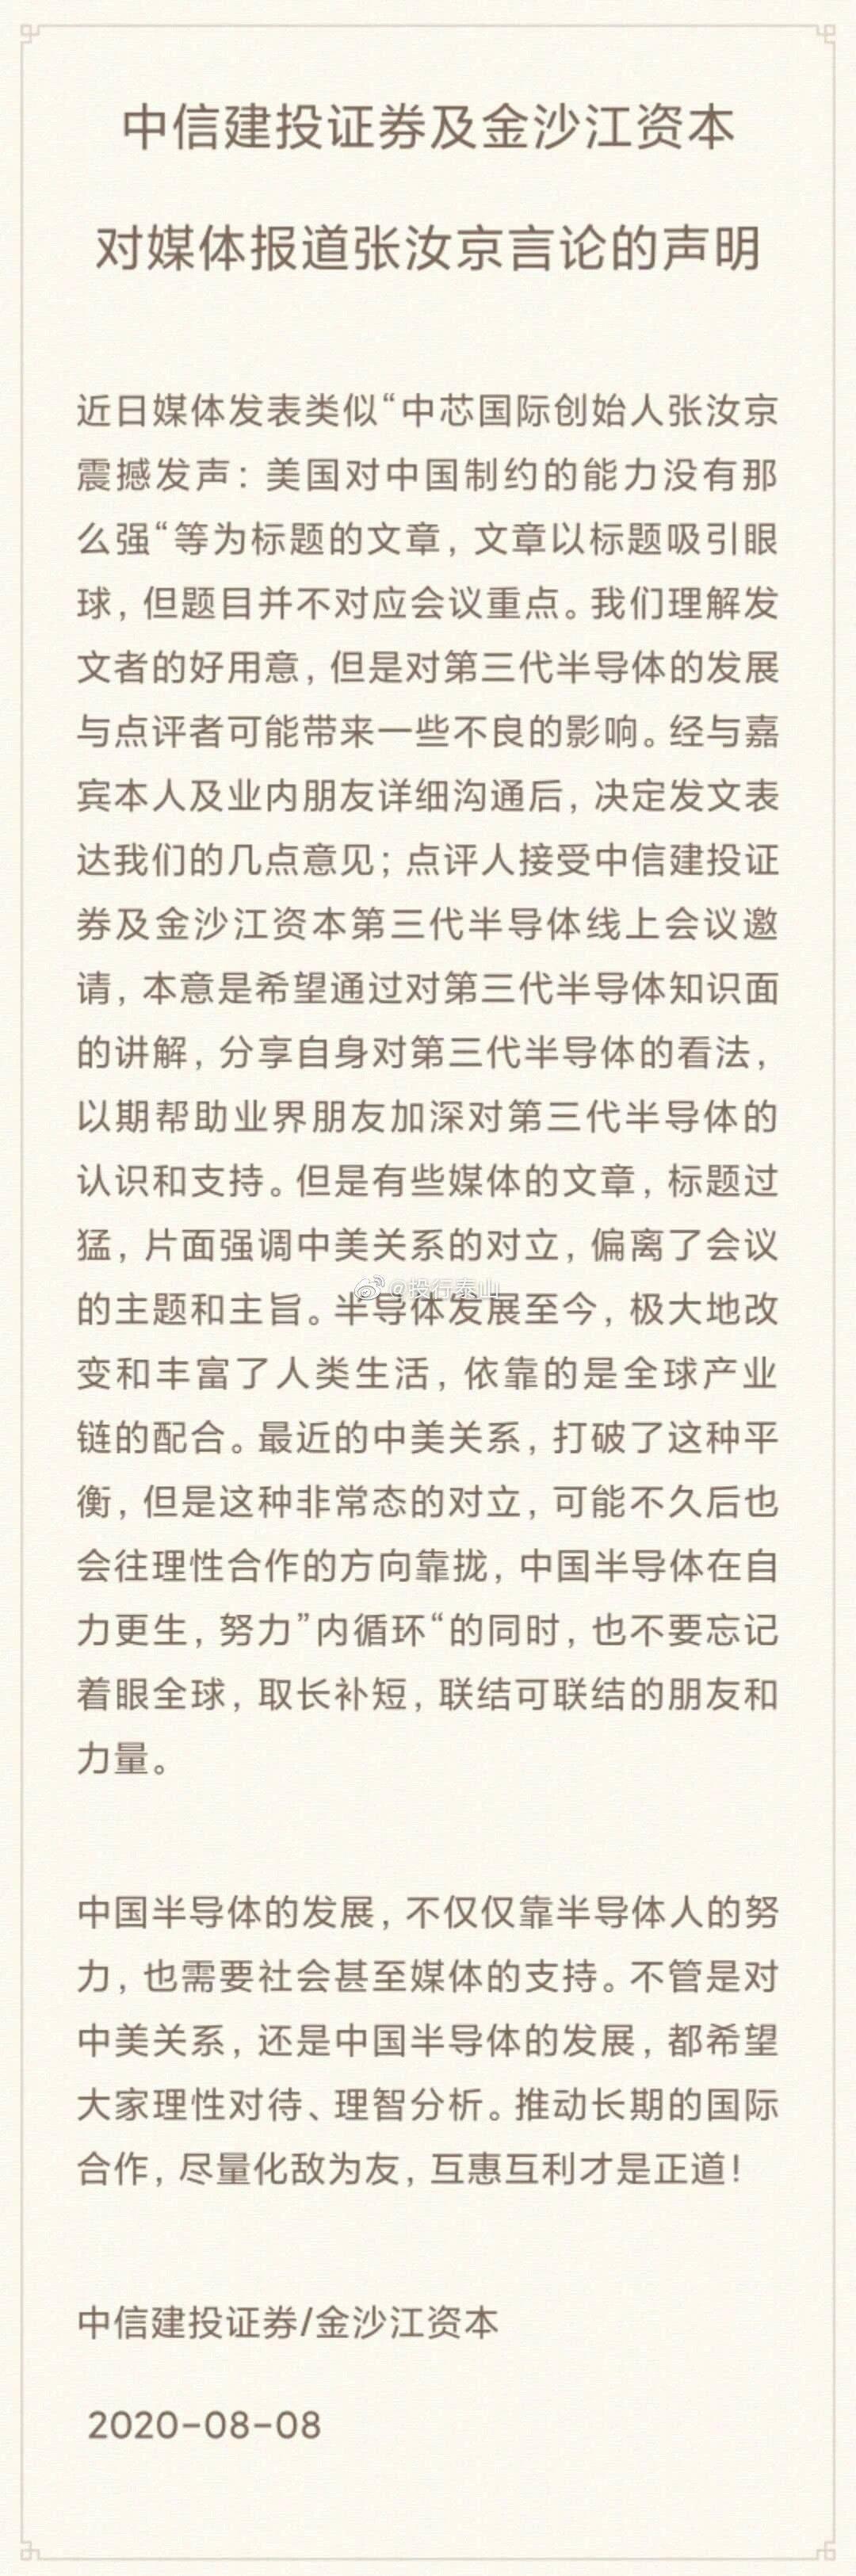 """【百度关键词优化工具】_中芯国际创始人在会议中称""""美国对中国制约力不强""""?主办方回应"""